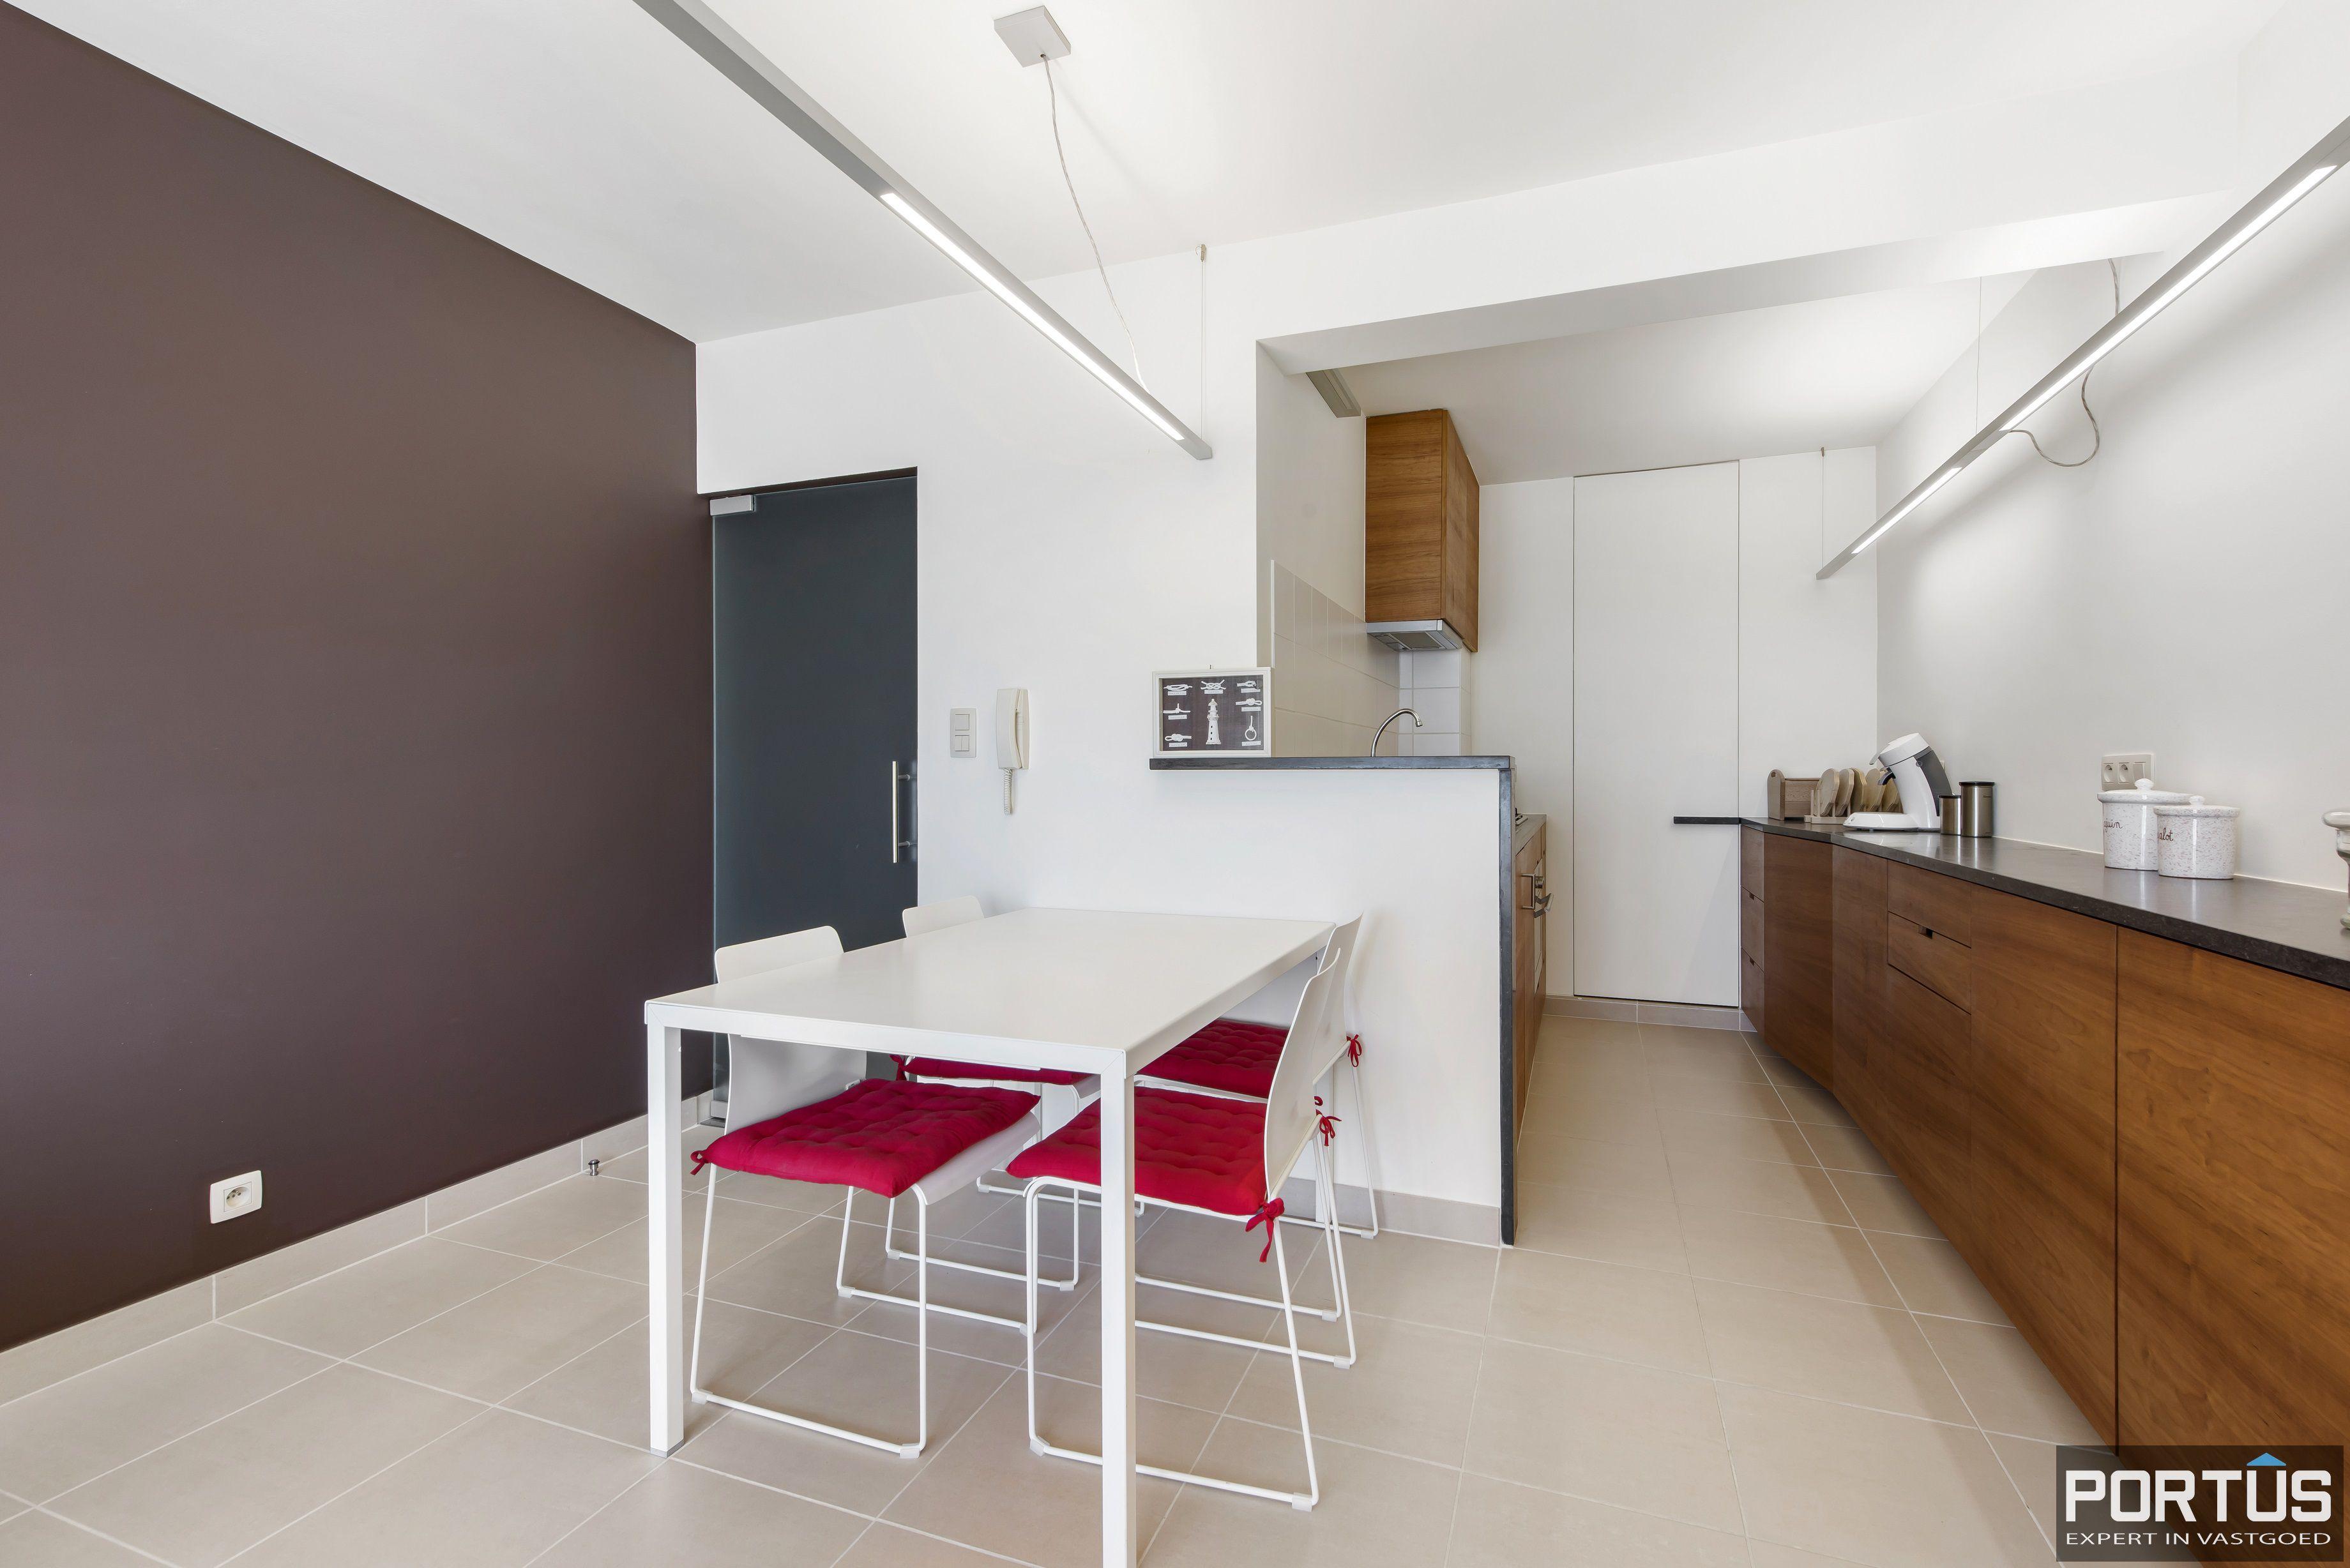 Appartement met 2 slaapkamers en frontaal zeezicht te koop Nieuwpoort - 9774